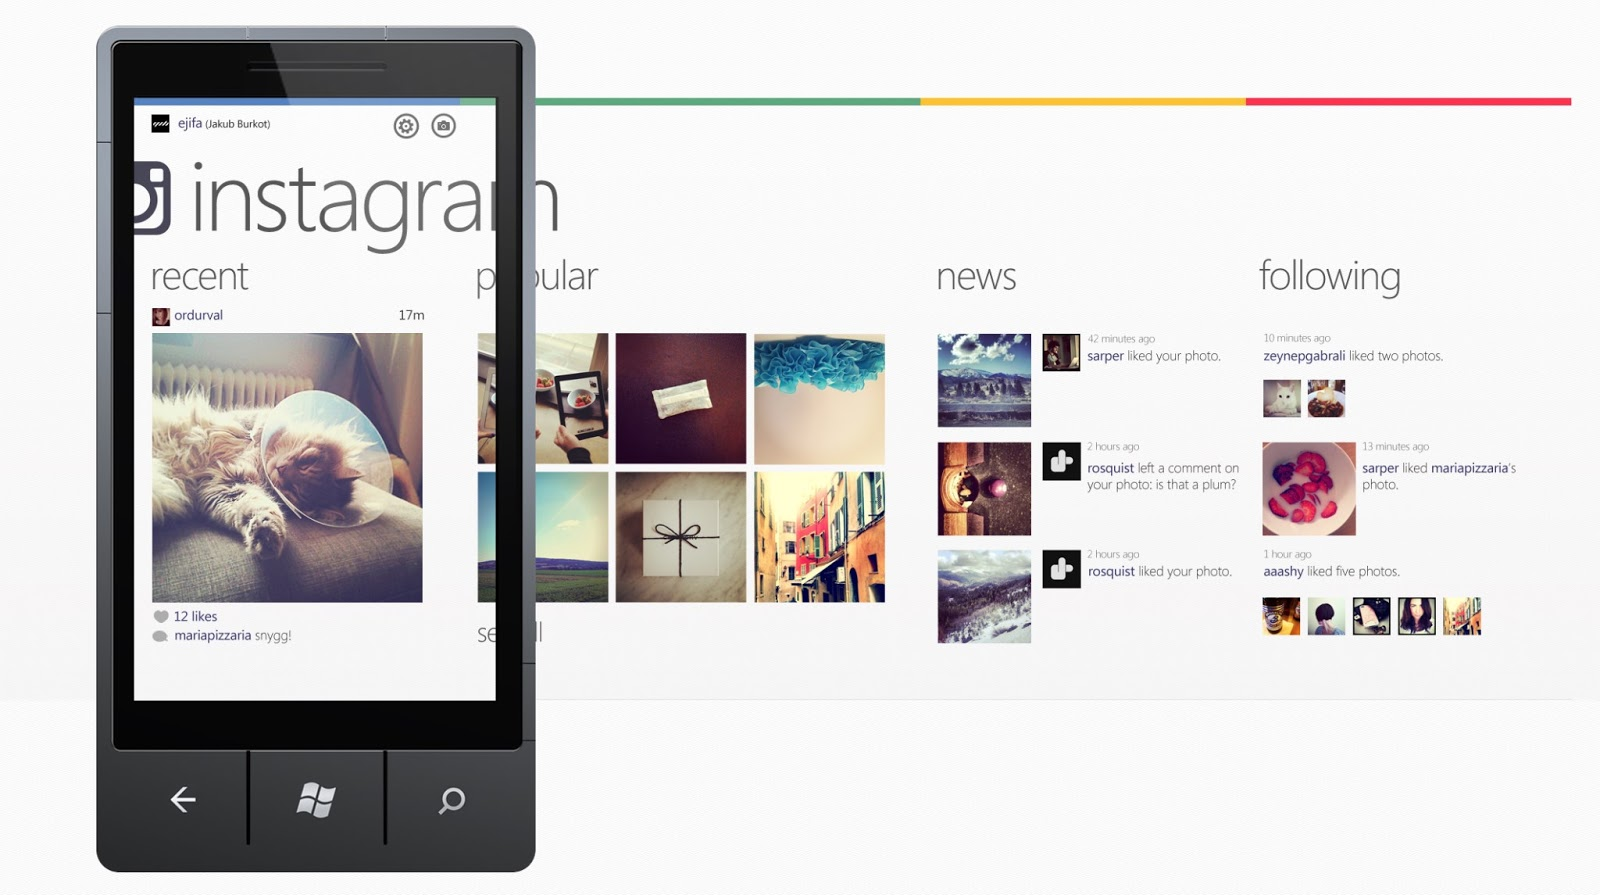 Finalmente Instagram sbarca ufficialmente su Windows Phone, per adesso senza supporto video